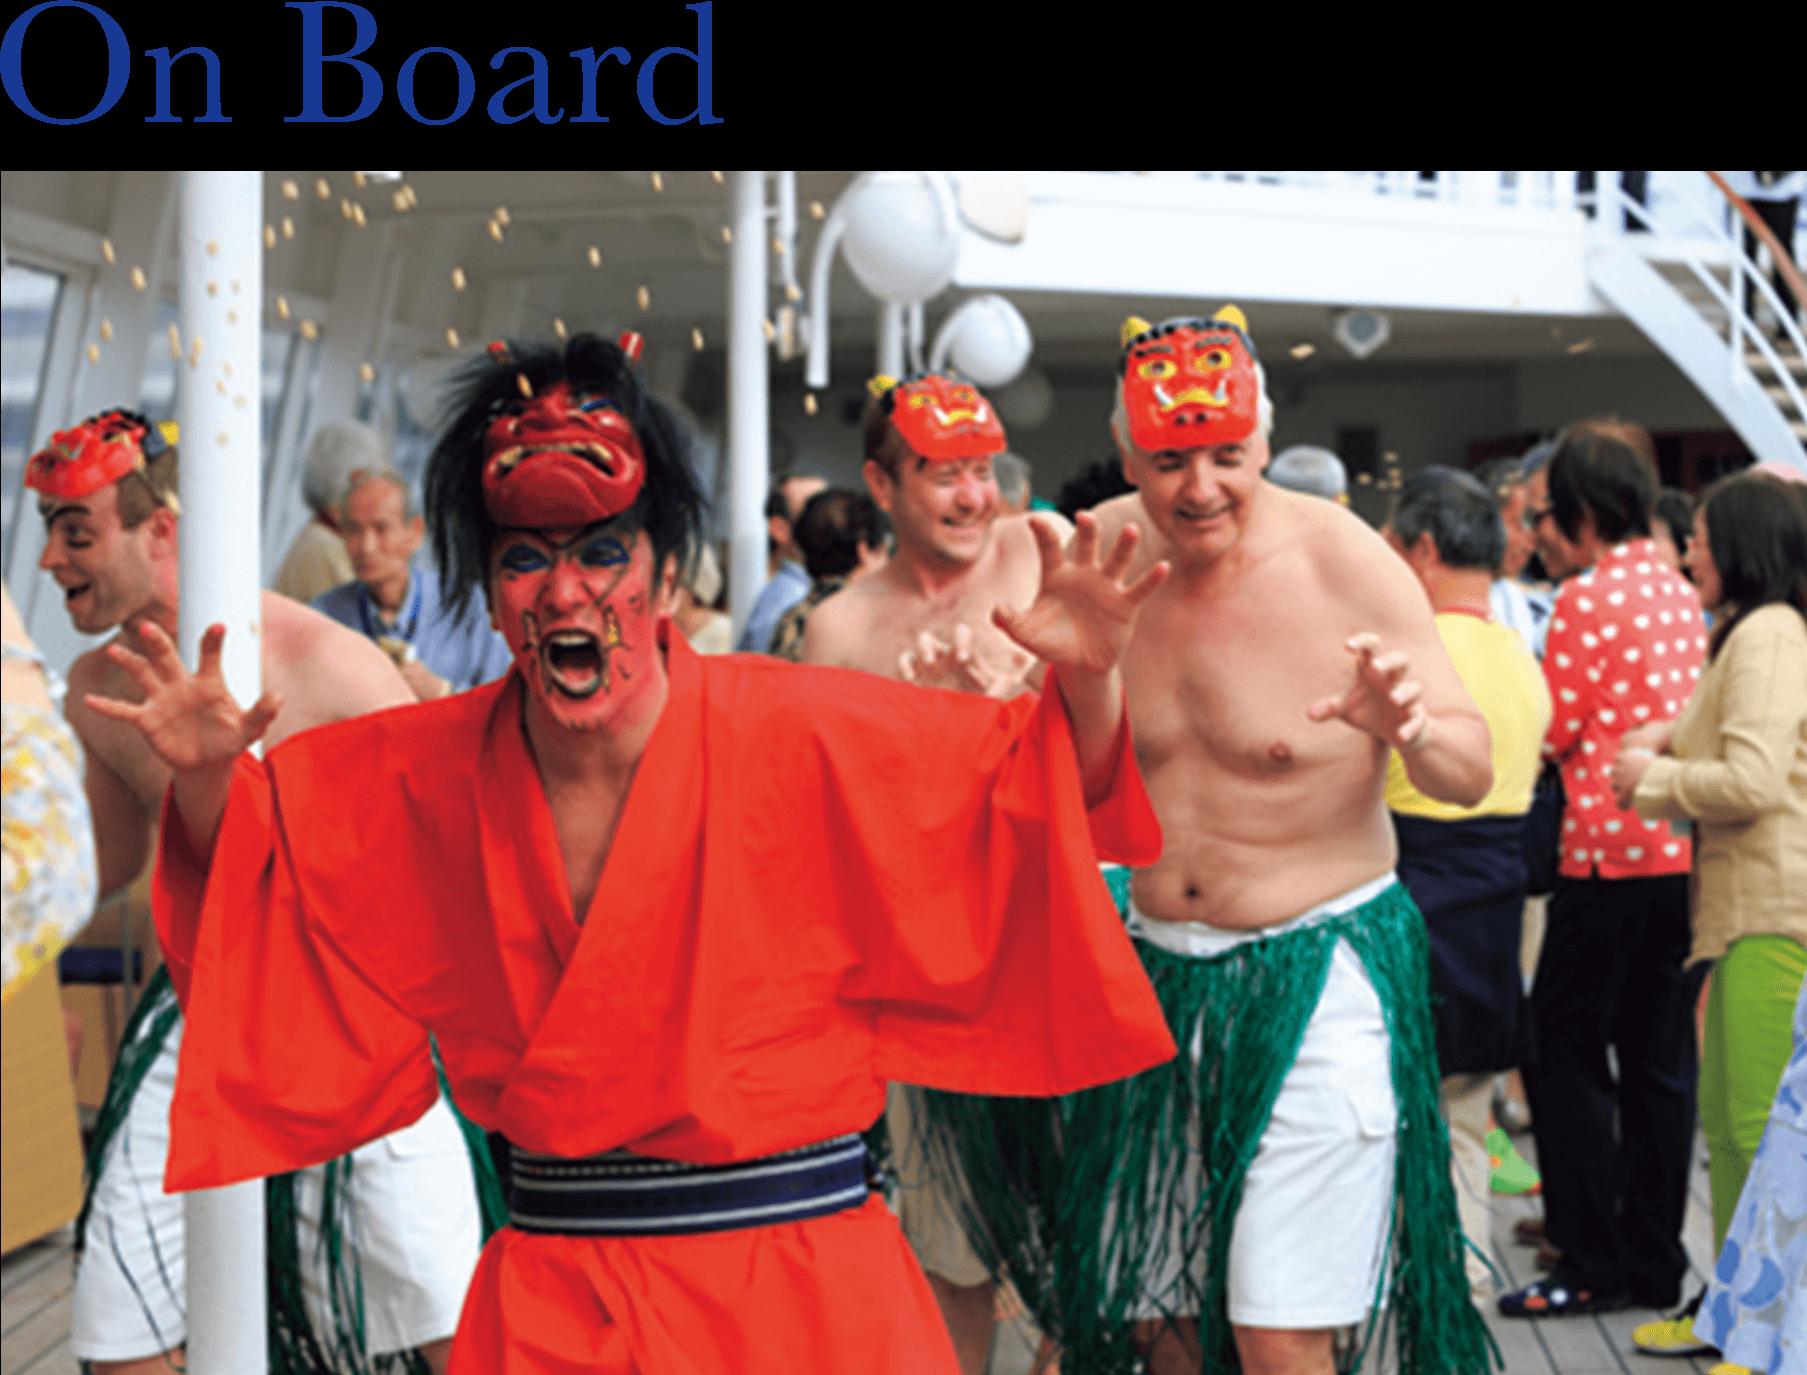 2021年 オセアニアグランドクルーズ On Board 節分イベント 詳細情報